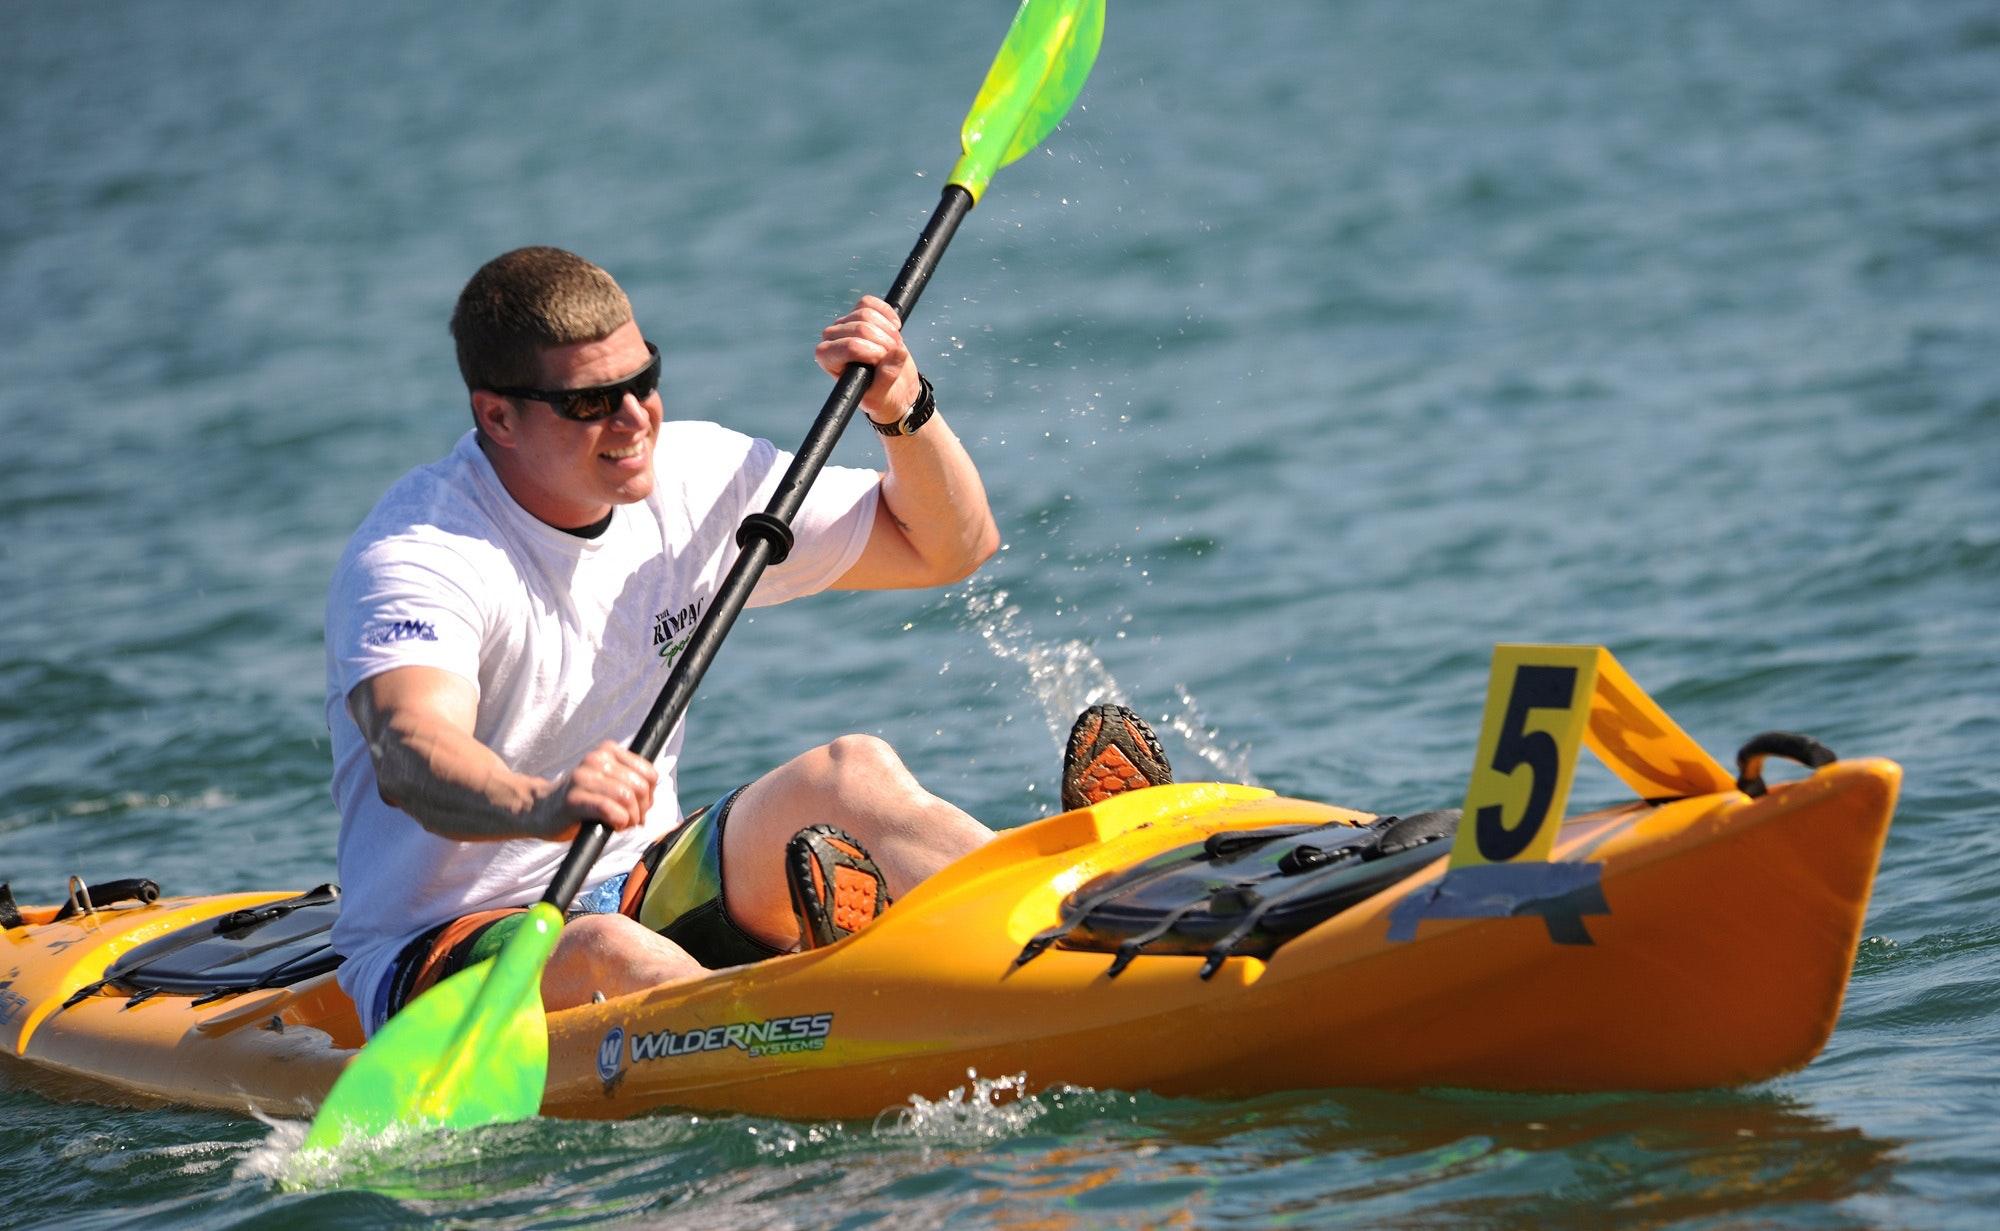 boat-hands-kayak-40859